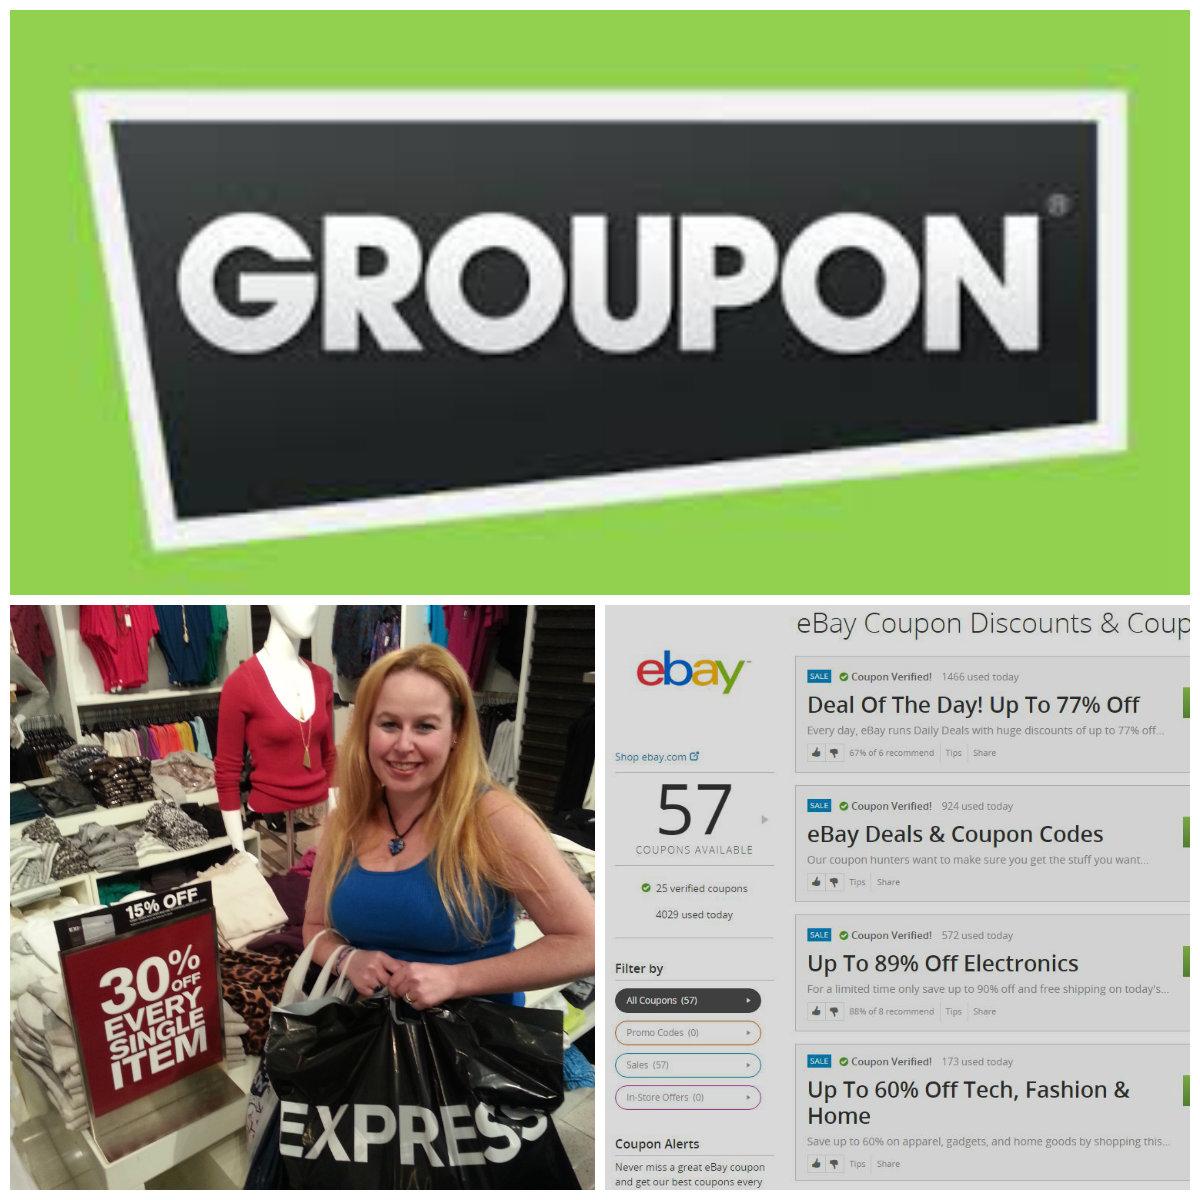 Groupon Coupons, Groupon